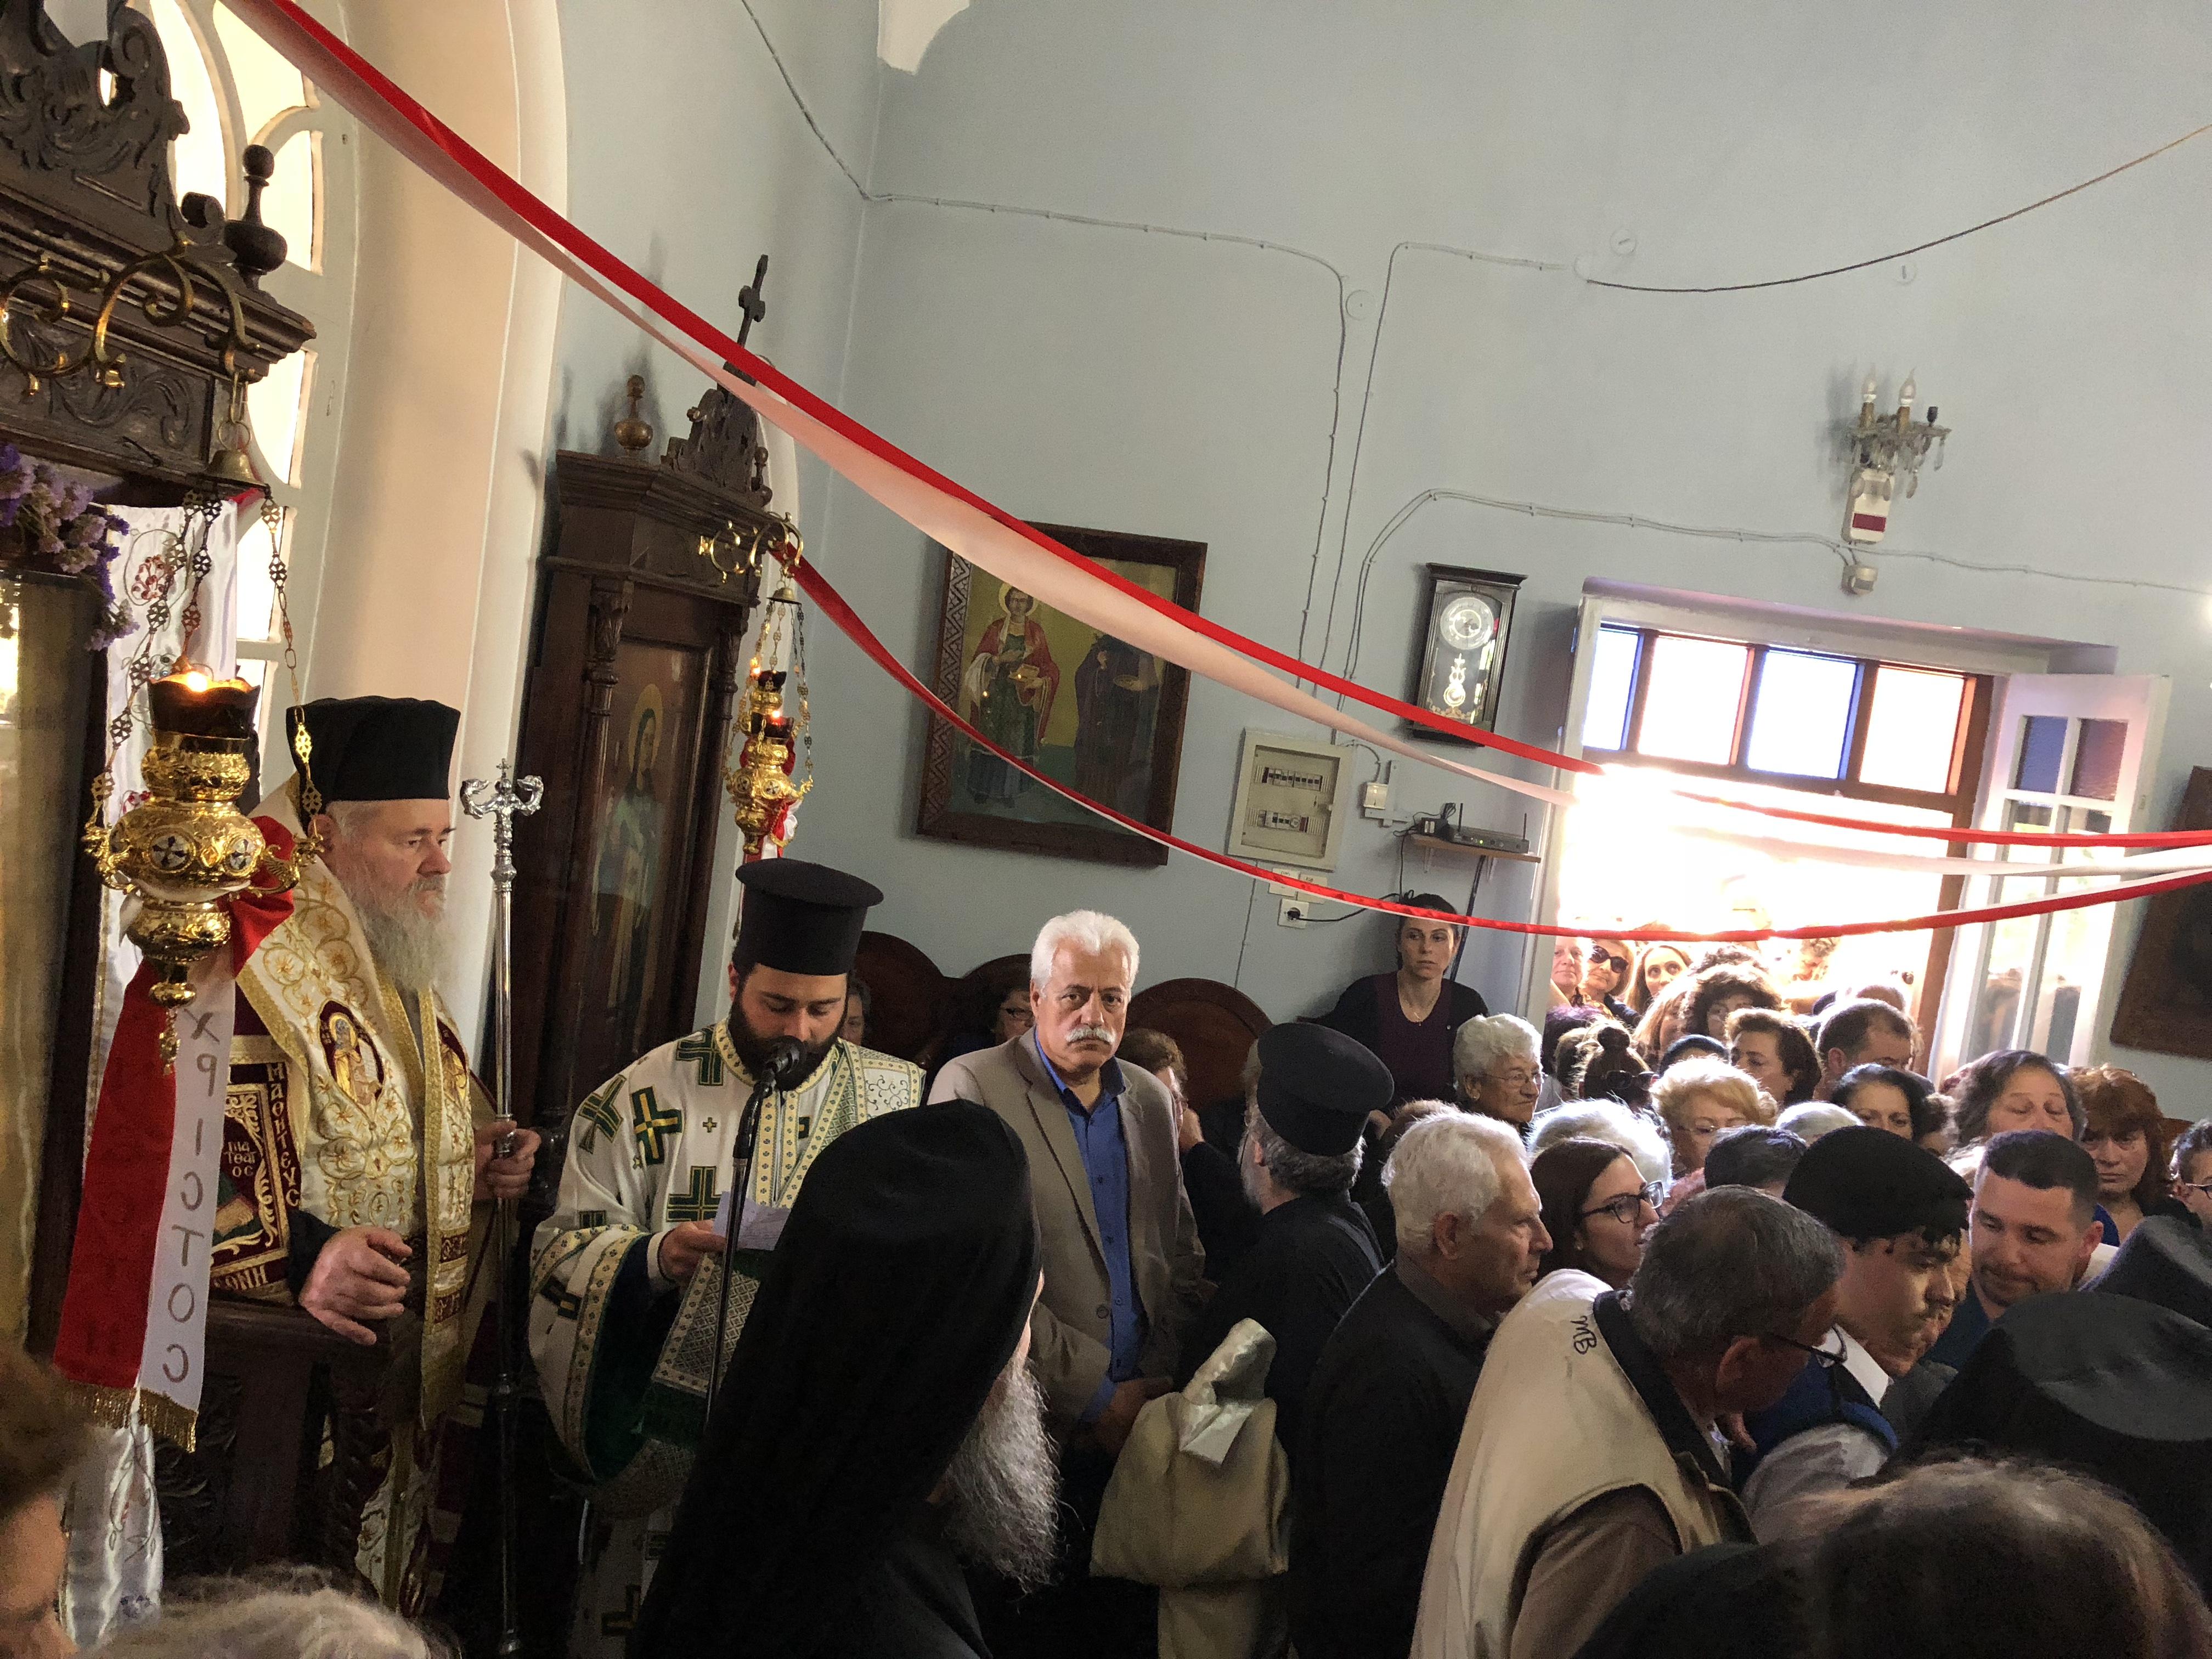 Υποδοχή ιερού Λειψάνου Αγίας Μαρίας της Μαγδαληνής στον ομώνυμο Ναό στη Χαλέπα!